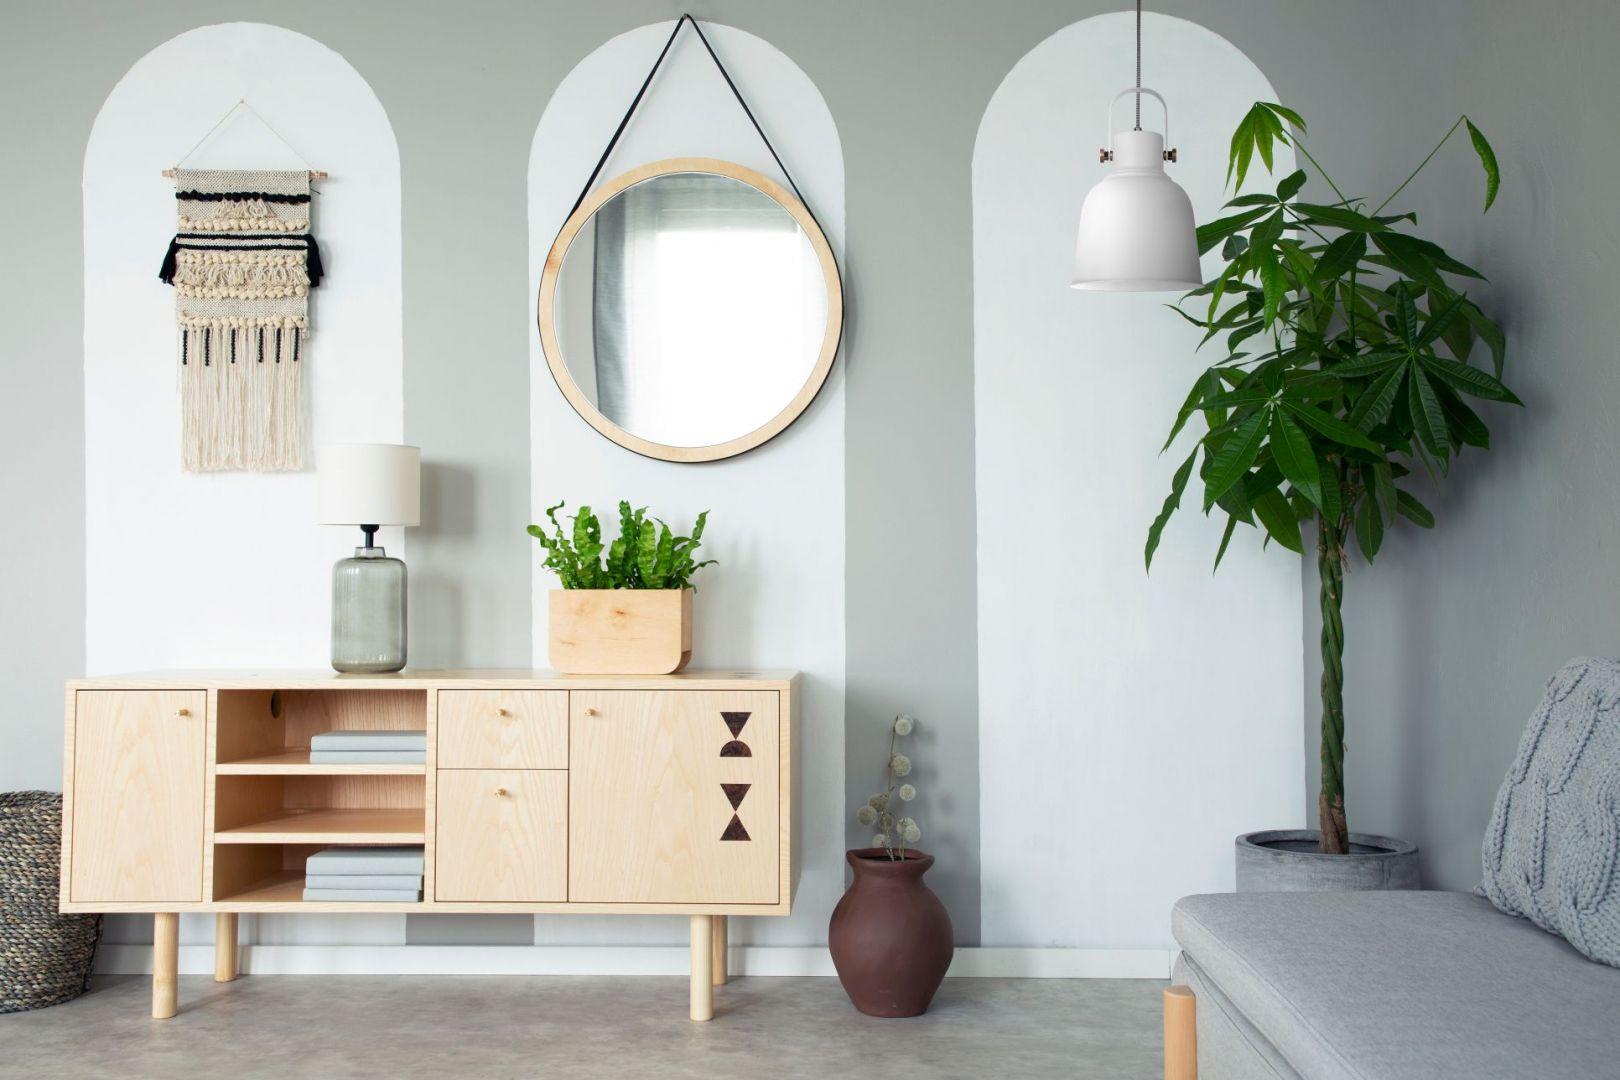 Lampy wiszące to punkt centralny każdego pomieszczenia – warto zatem zadbać, aby były nie tylko praktyczne, ale także piękne i pasujące do stylu naszego mieszkania. Fot. Activejet